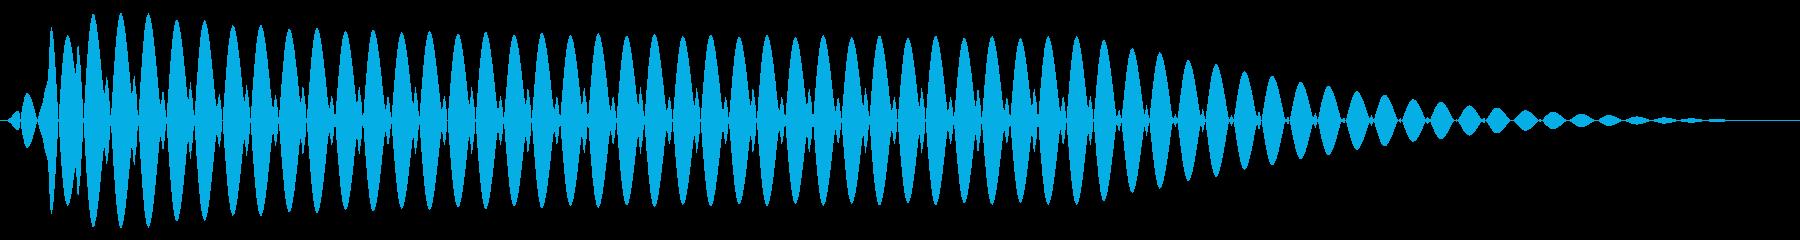 往年のRPG風 コマンド音 シリーズ 1の再生済みの波形